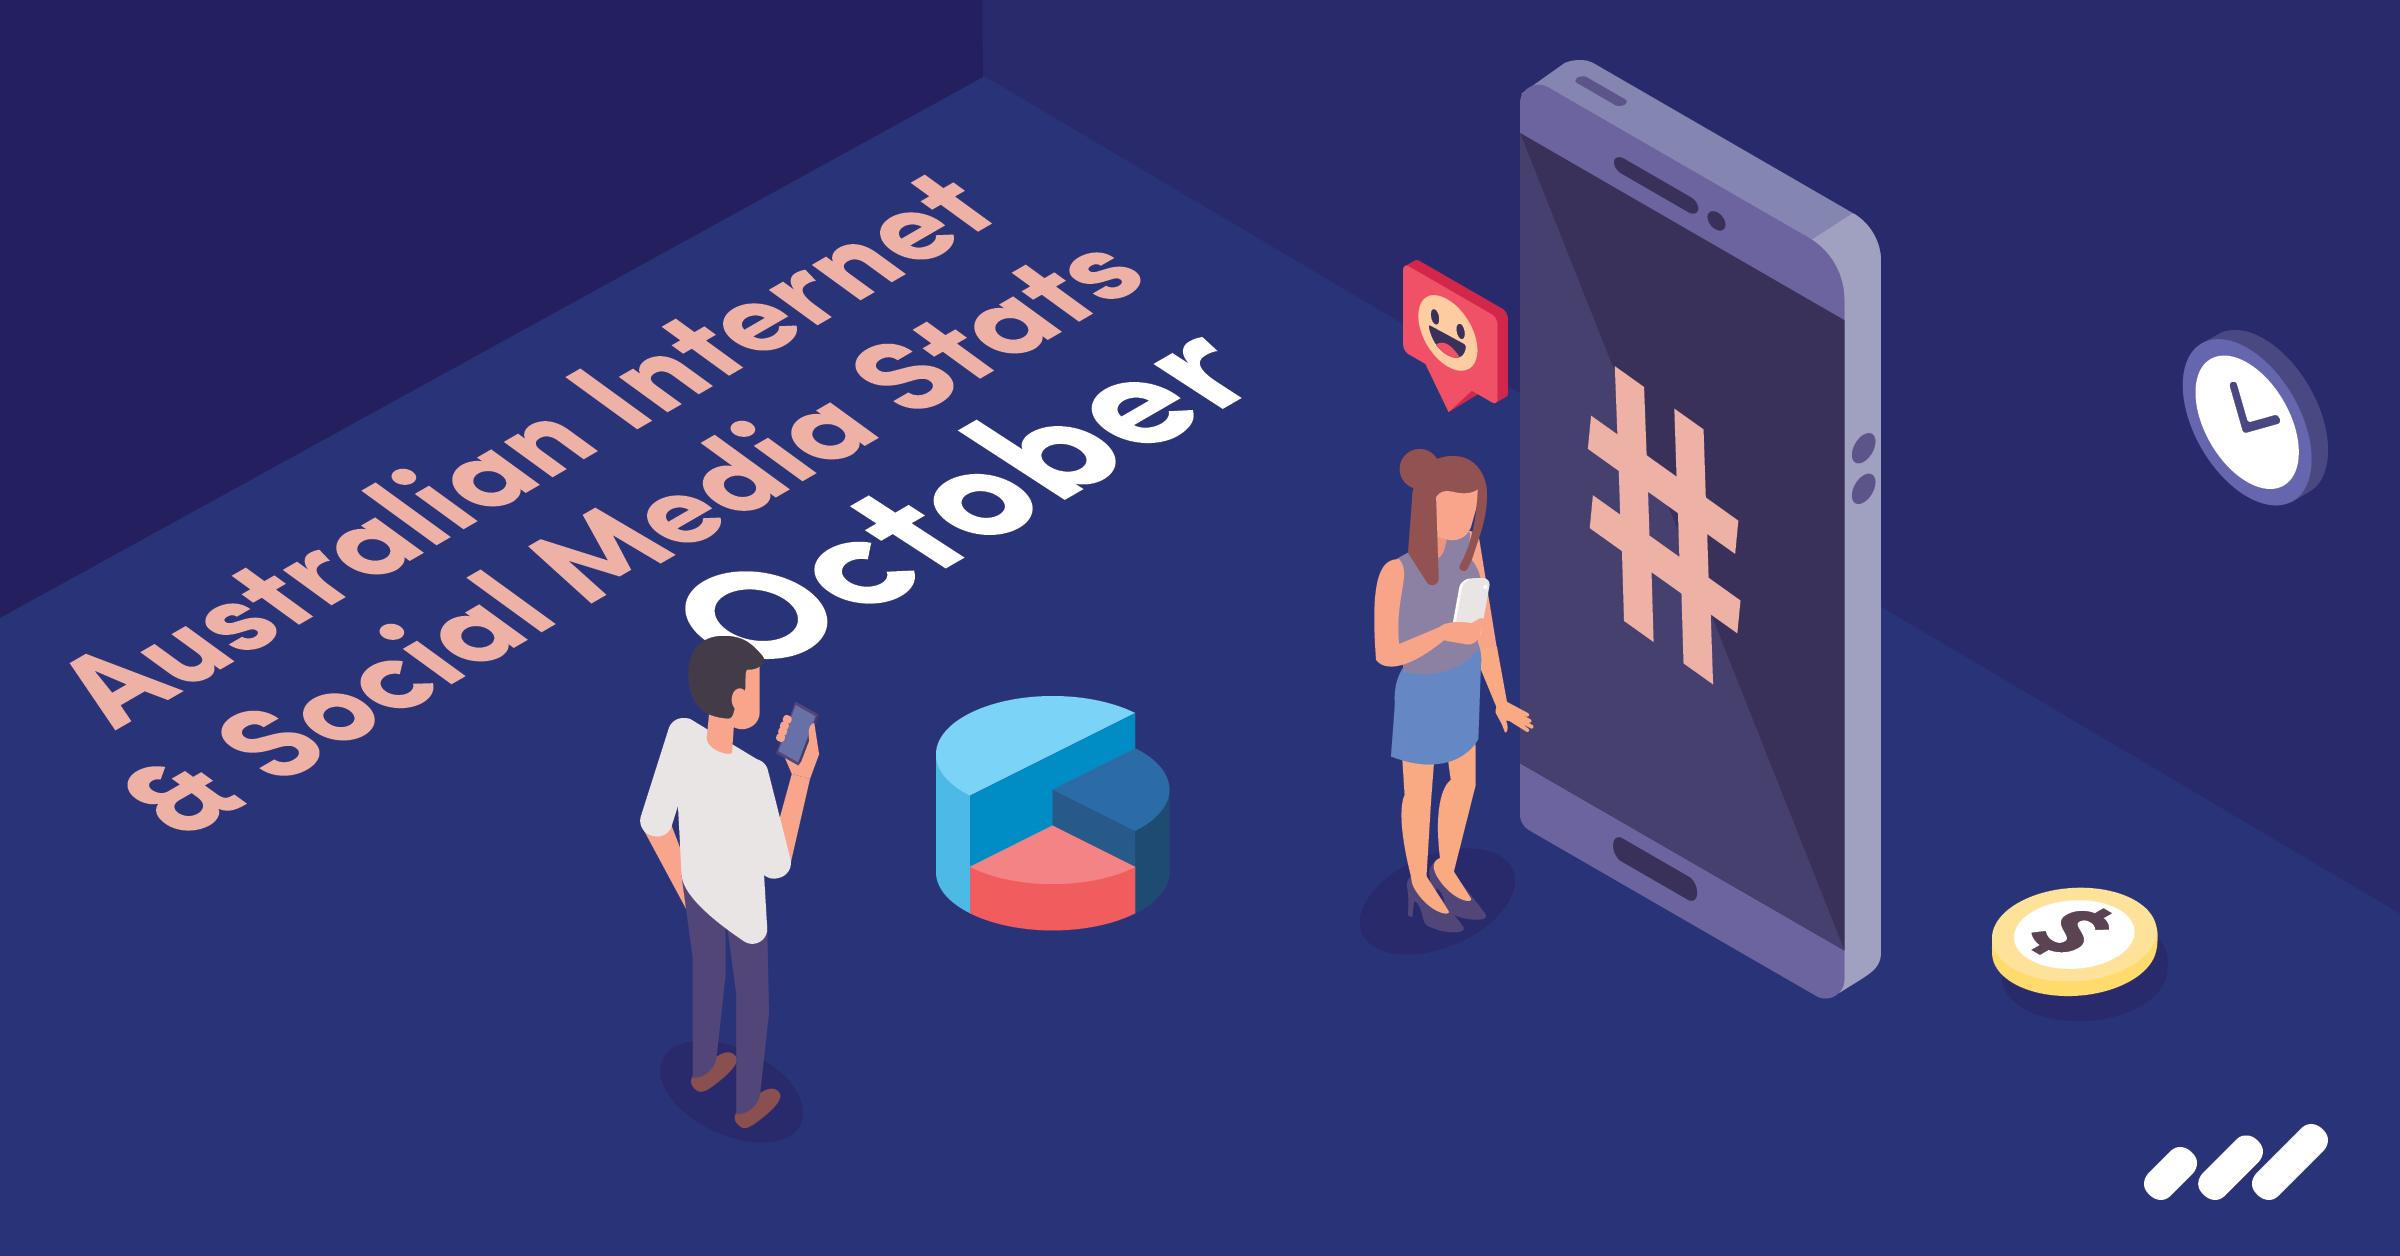 10-AustralianInternetSocialMediaStats-October